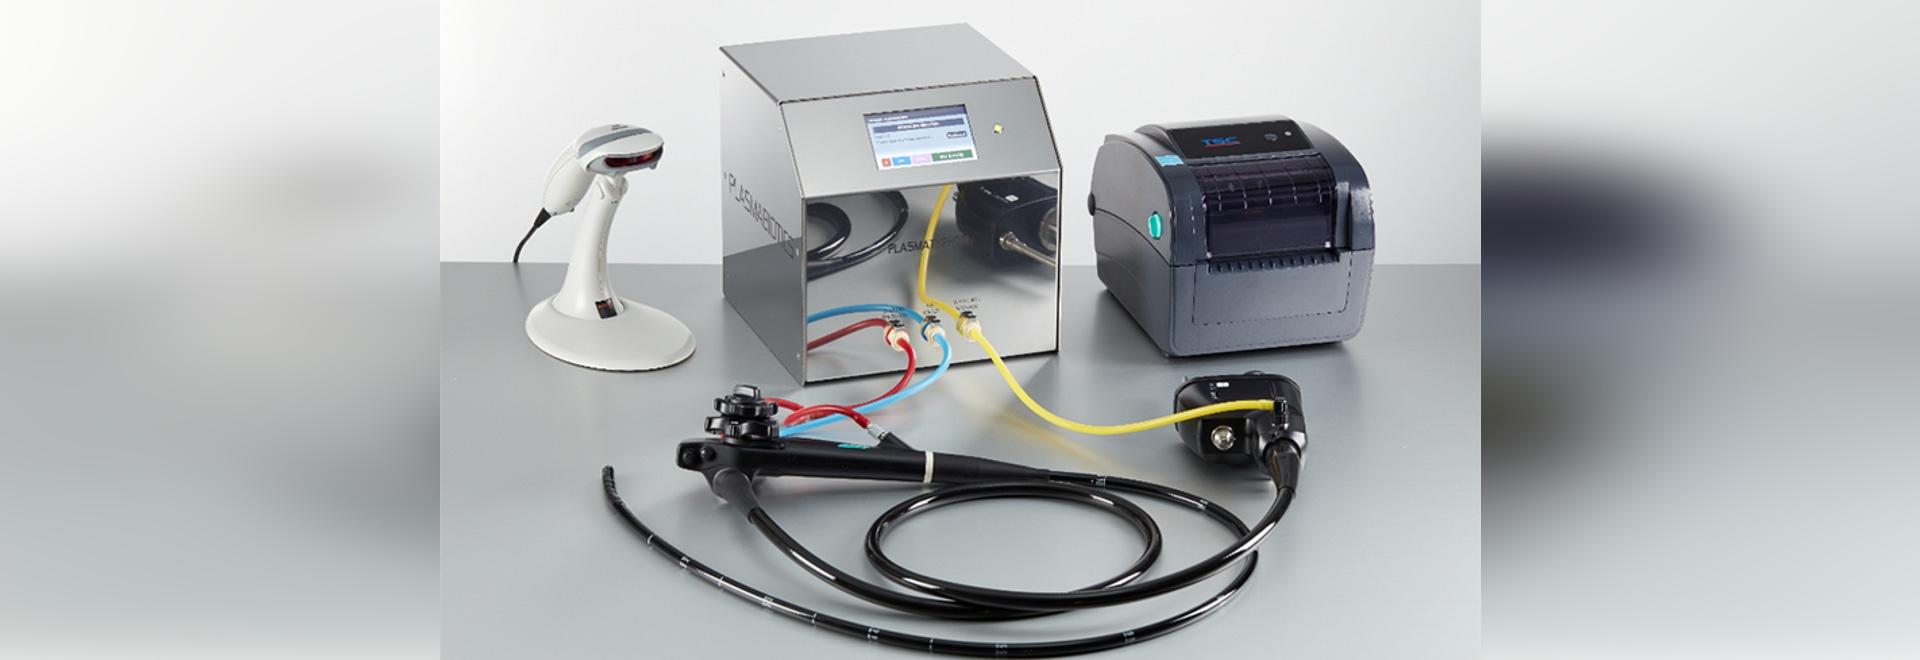 Dispositivo de Secado y Almacenamiento de Endoscopios PlasmaTYPHOON: Entrevista con el Dr. Daniel Vinteler, CEO y fundador de PlasmaBiotics